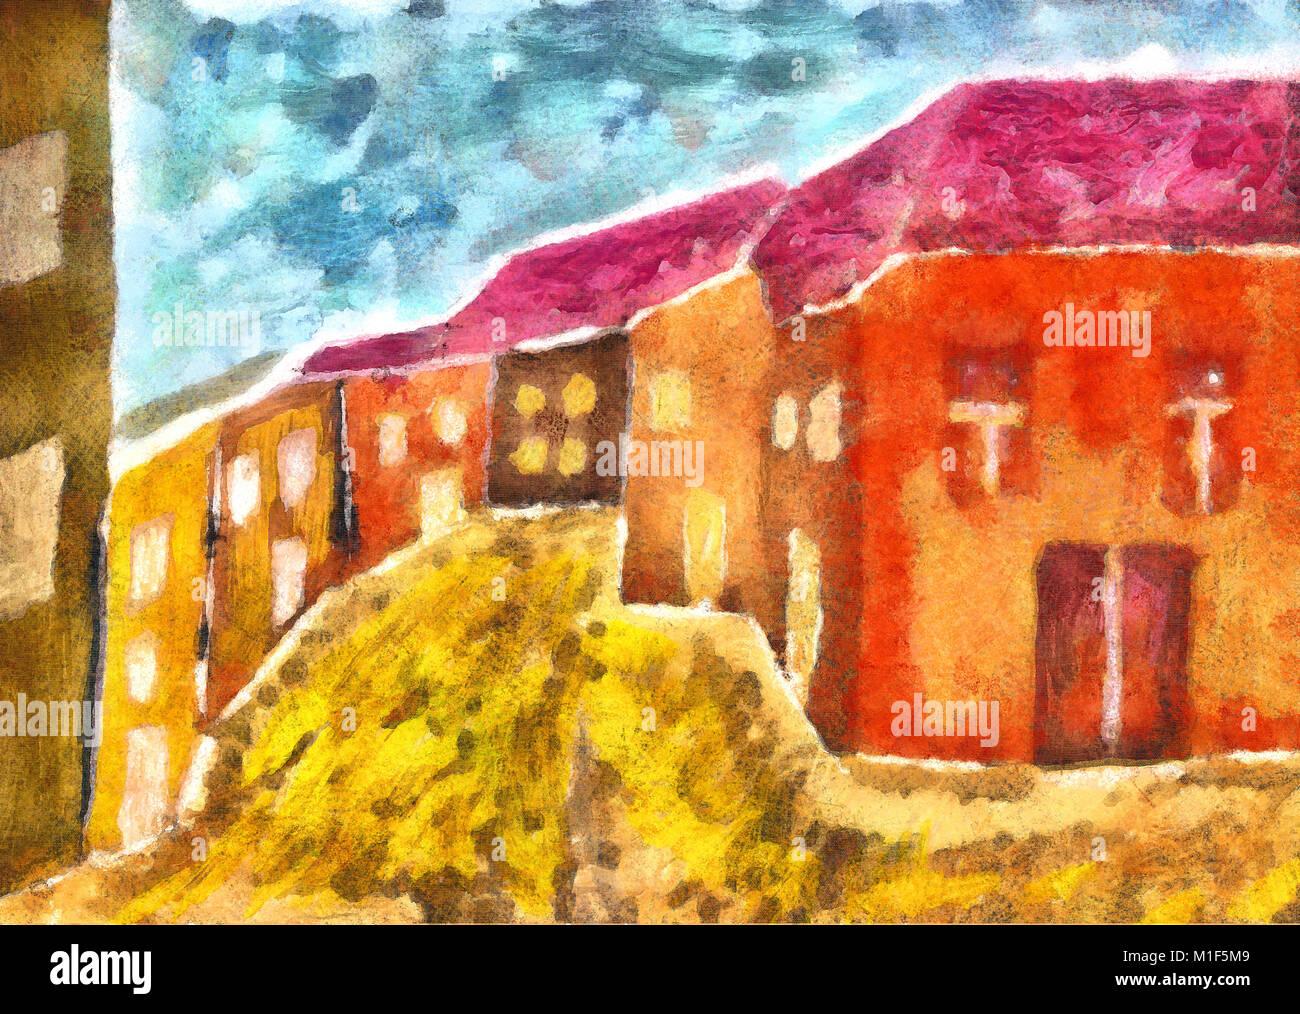 Elaborati digitalmente gouache picture case colorate Foto Stock